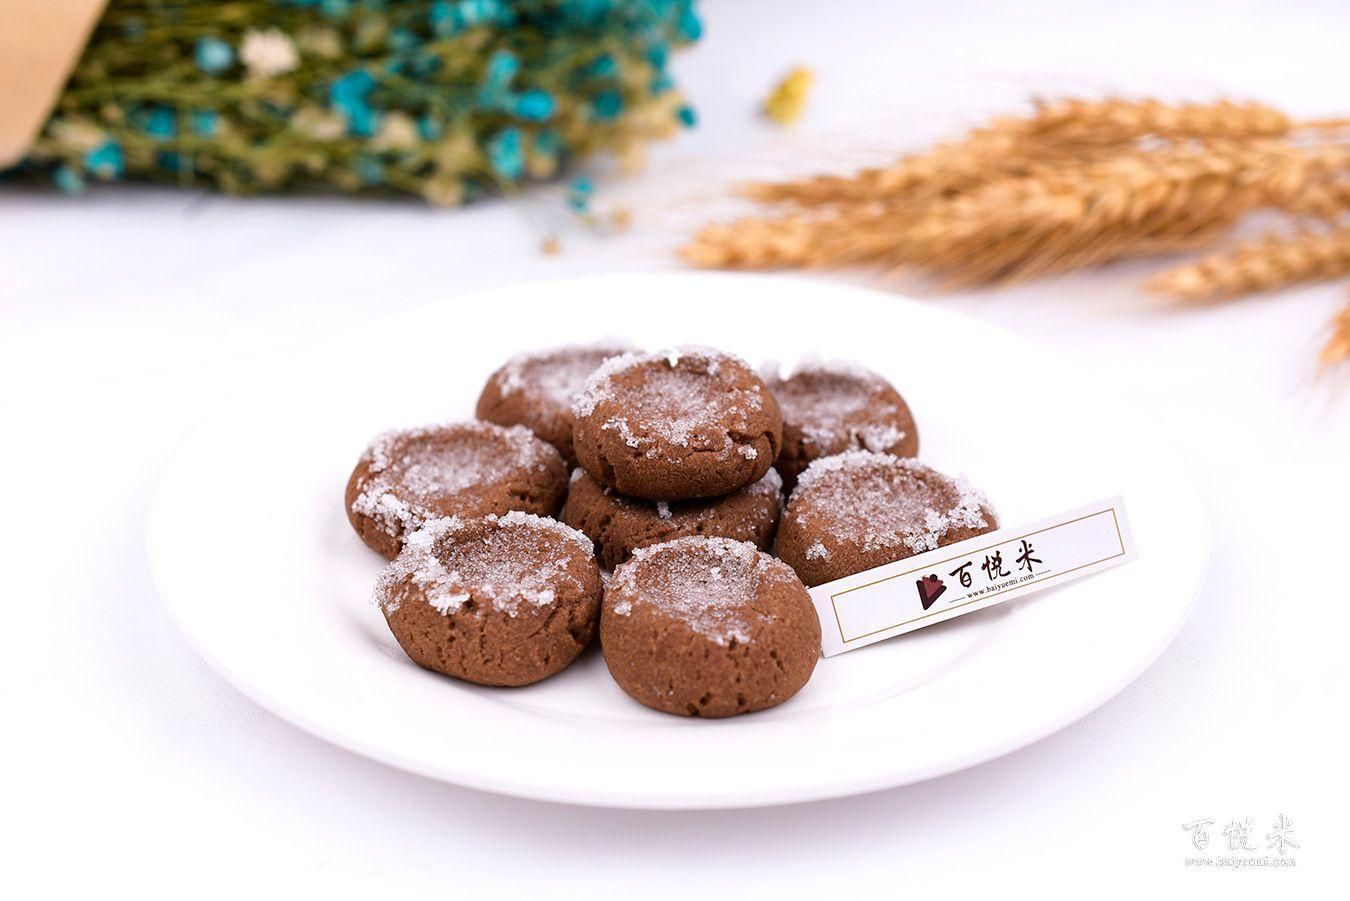 巧克力饼干高清图片大全【蛋糕图片】_551